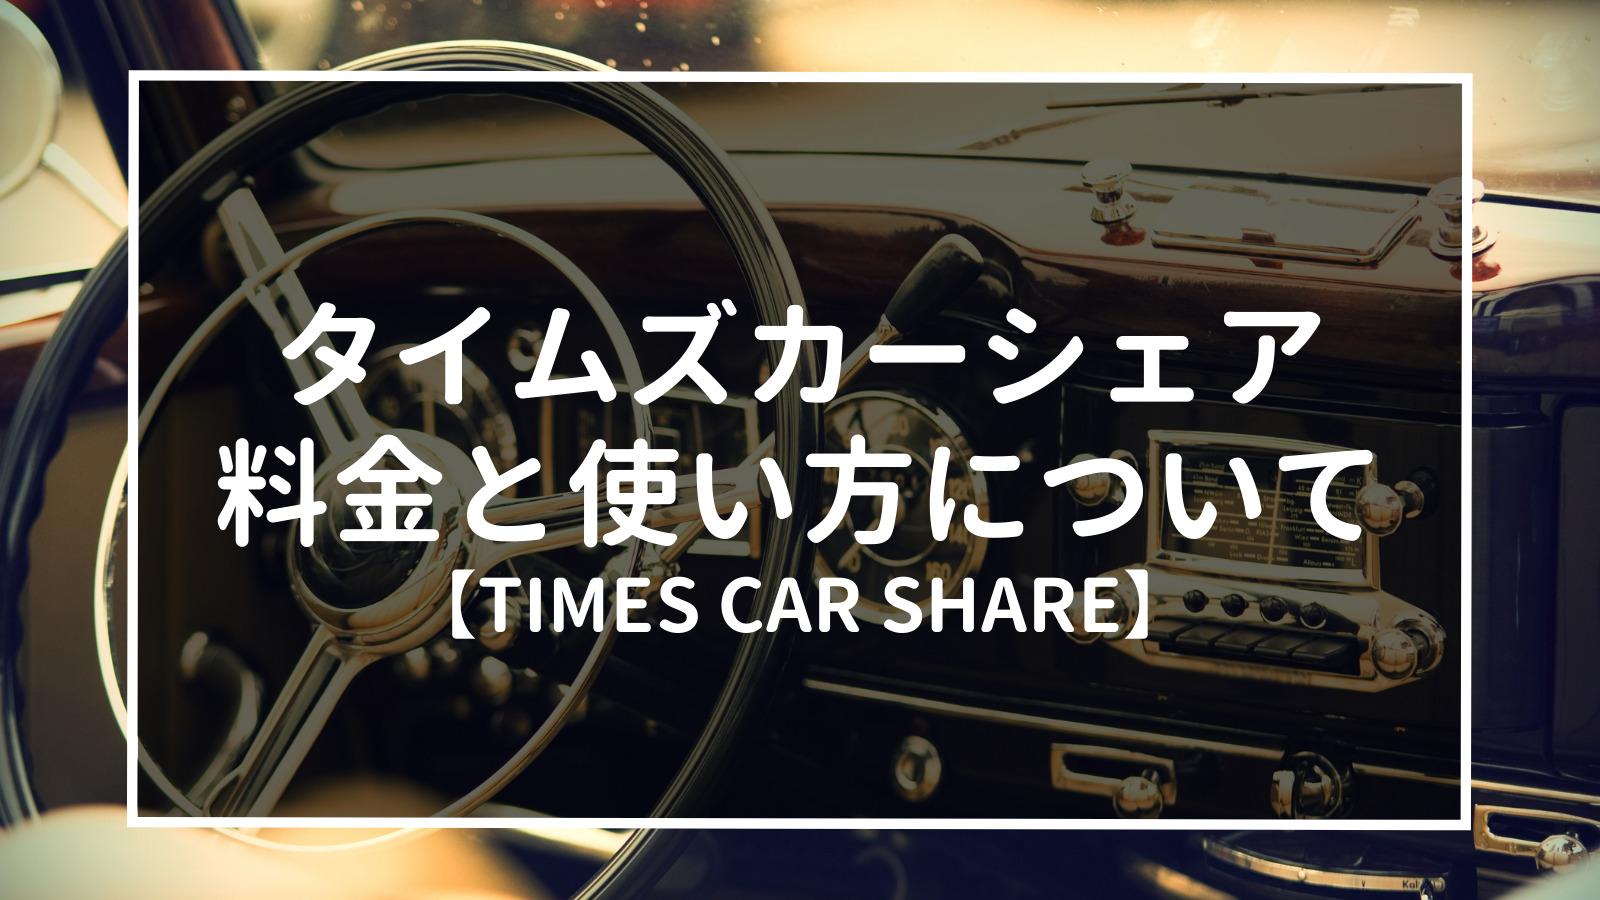 タイムズカーシェア 料金と使い方について【Times CAR SHARE】